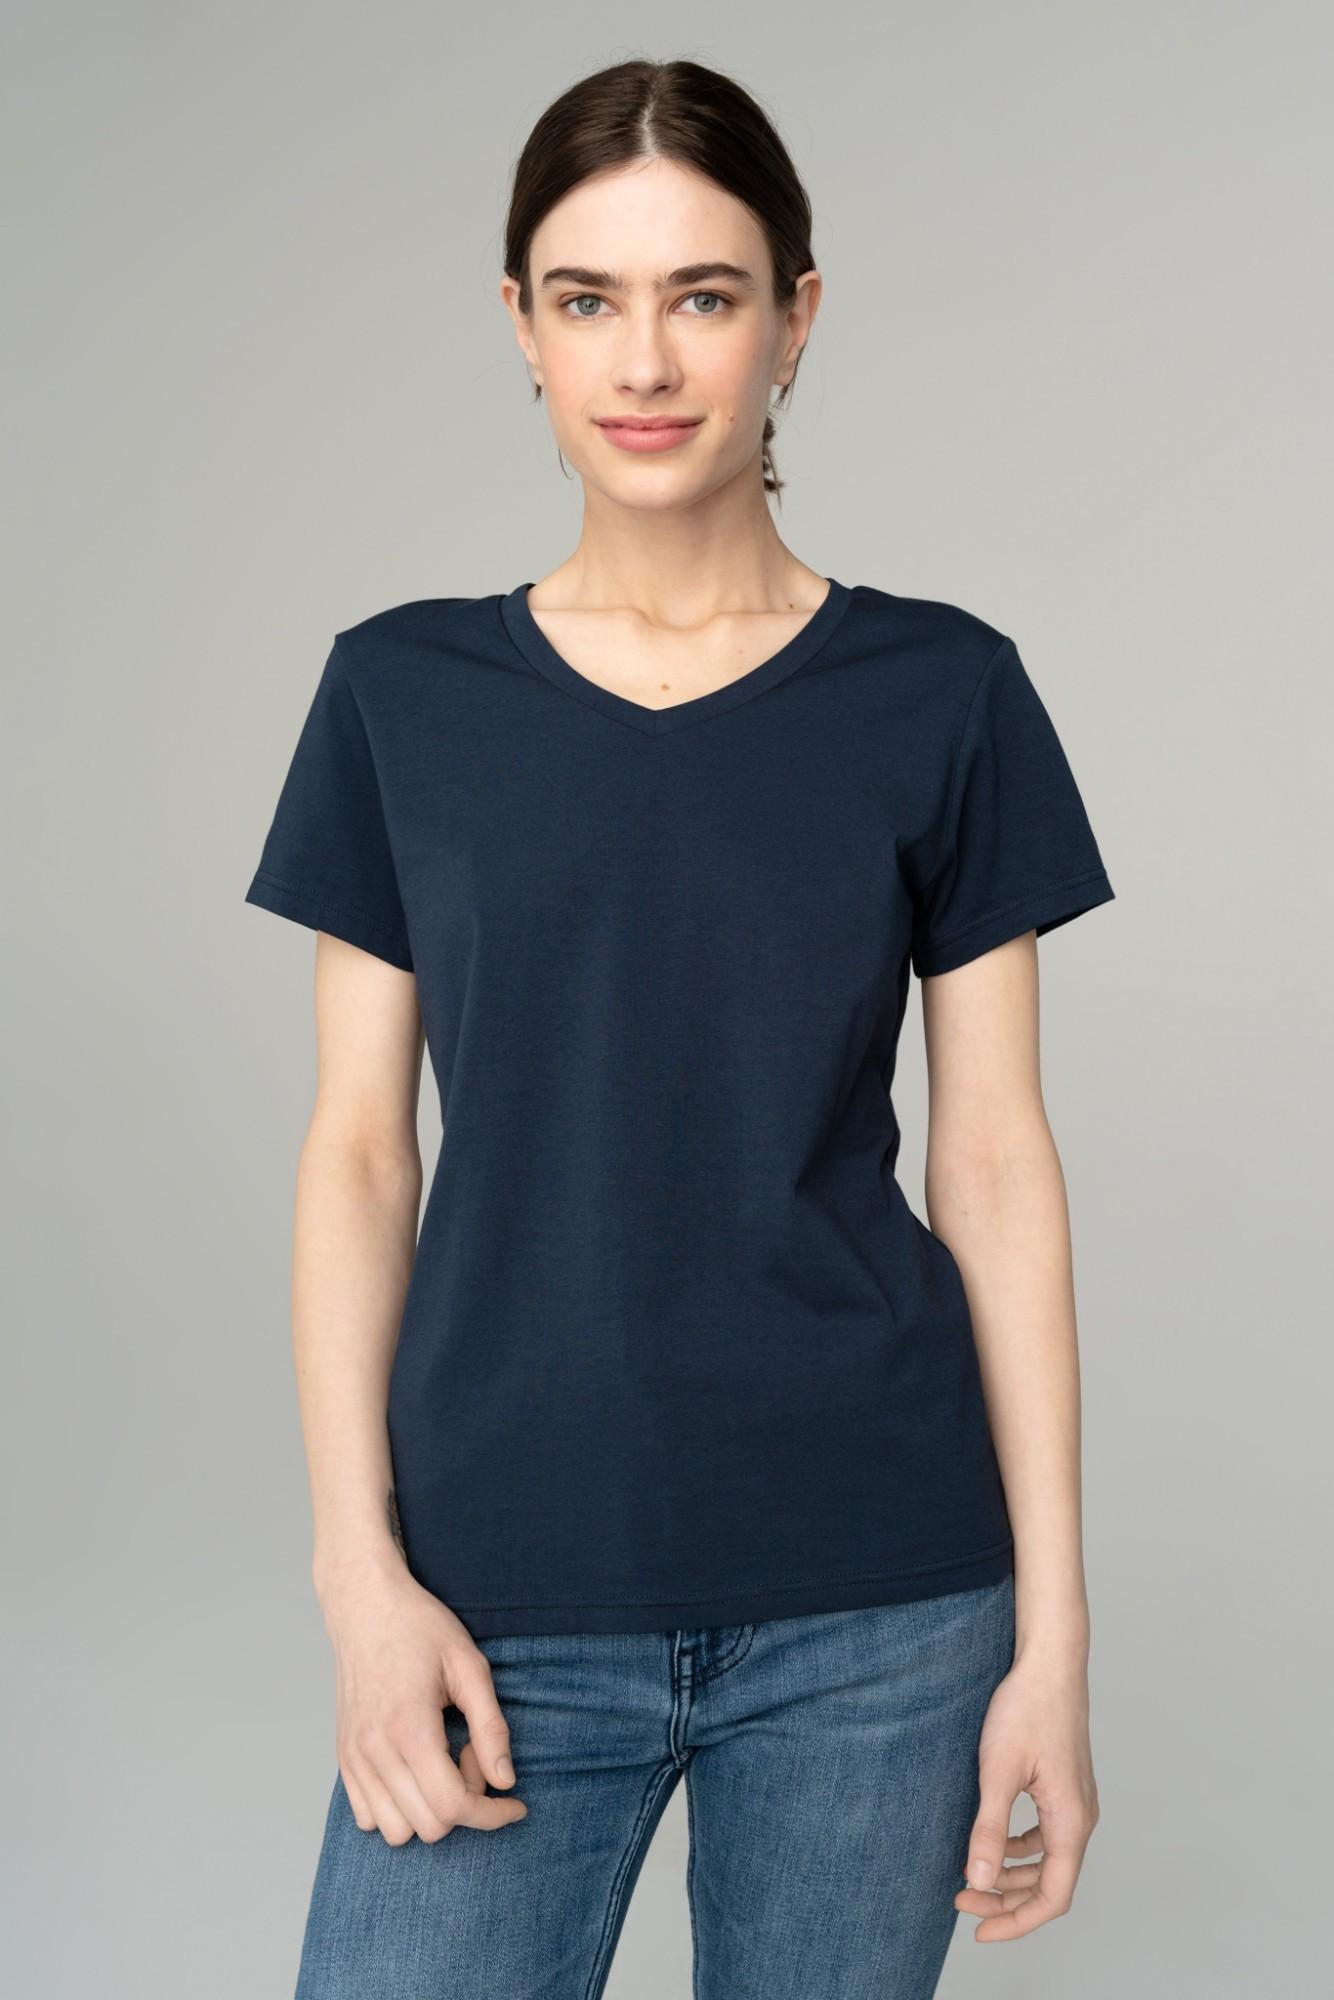 AUDIMAS Švelnūs modalo marškinėliai 2111-075 Navy Blazer M